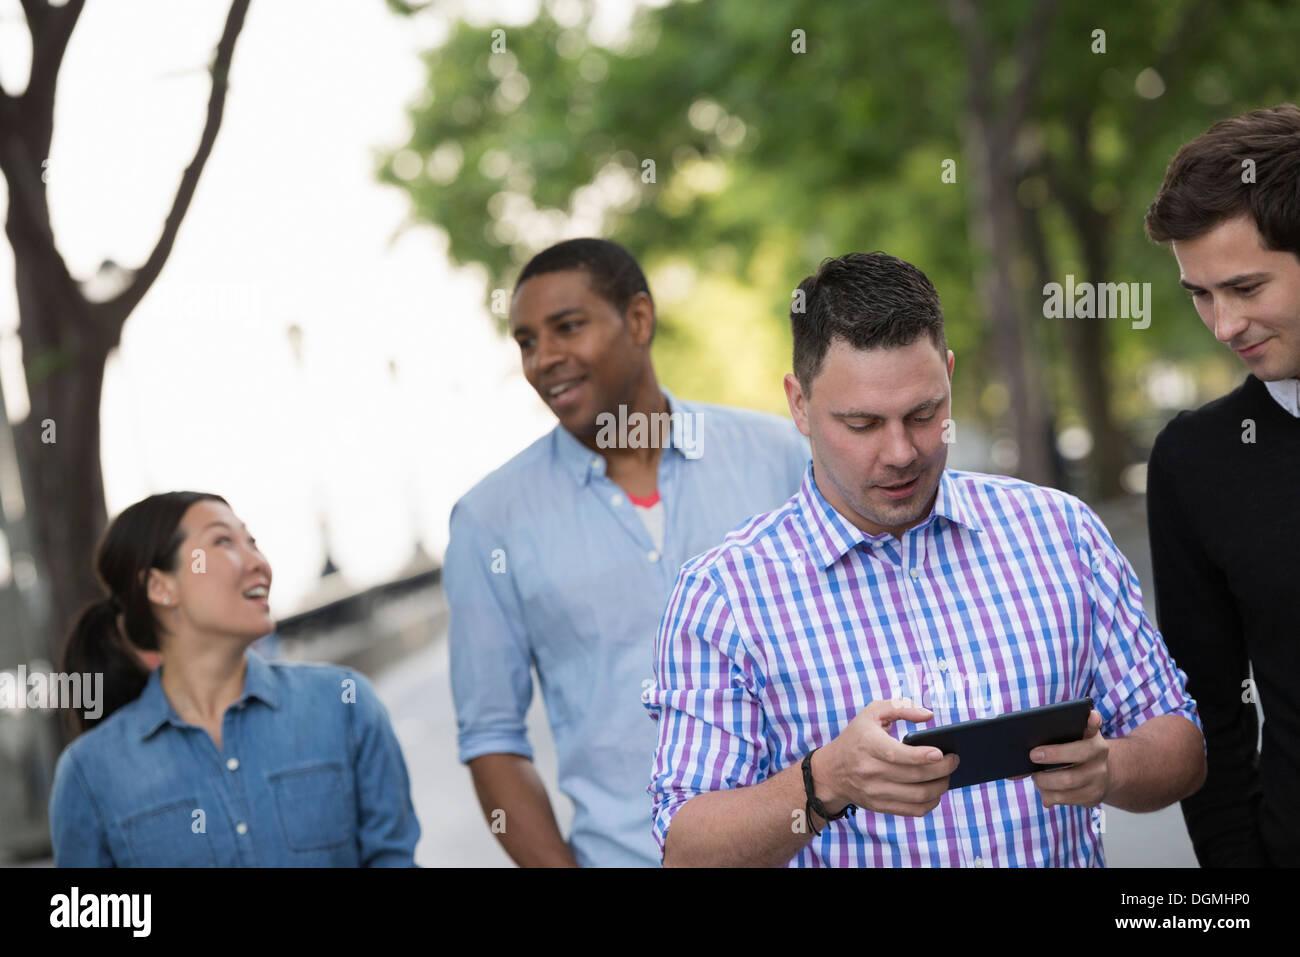 L'été dans la ville. Quatre personnes dans un groupe. L'un en utilisant sa tablette numérique. Photo Stock